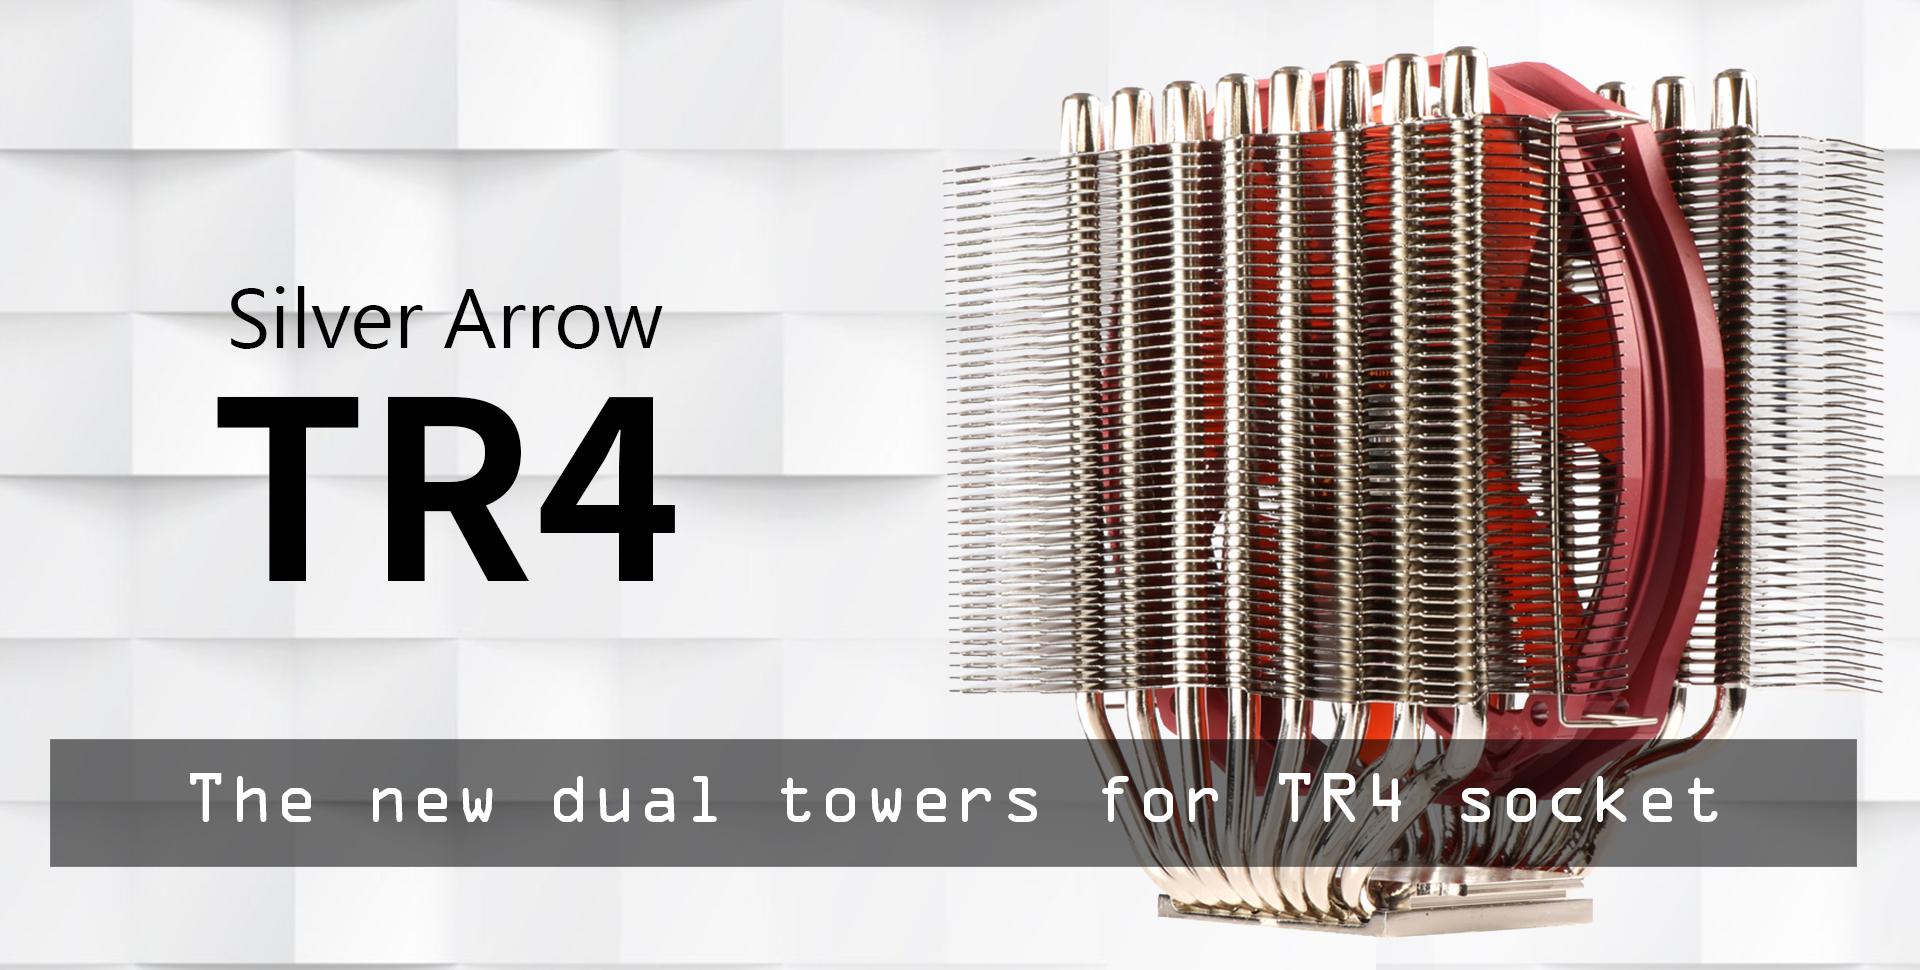 Silver Arrow TR4